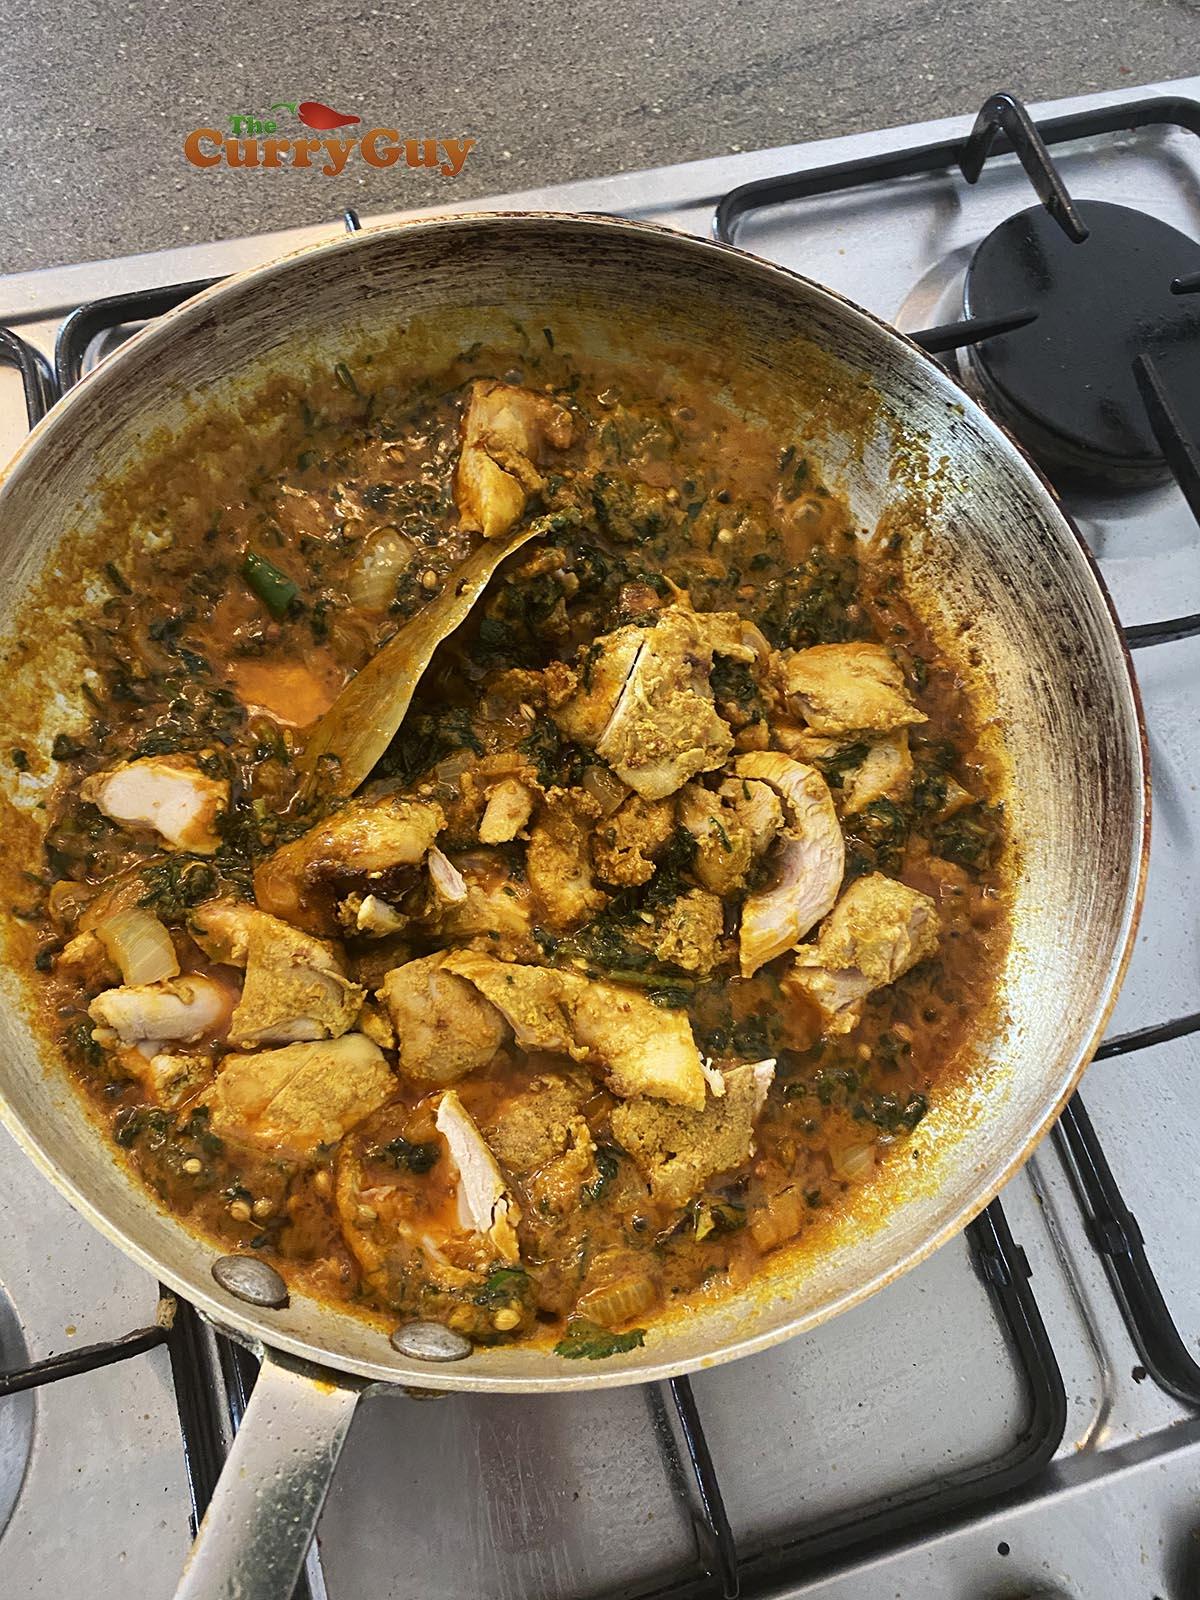 Adding chicken.